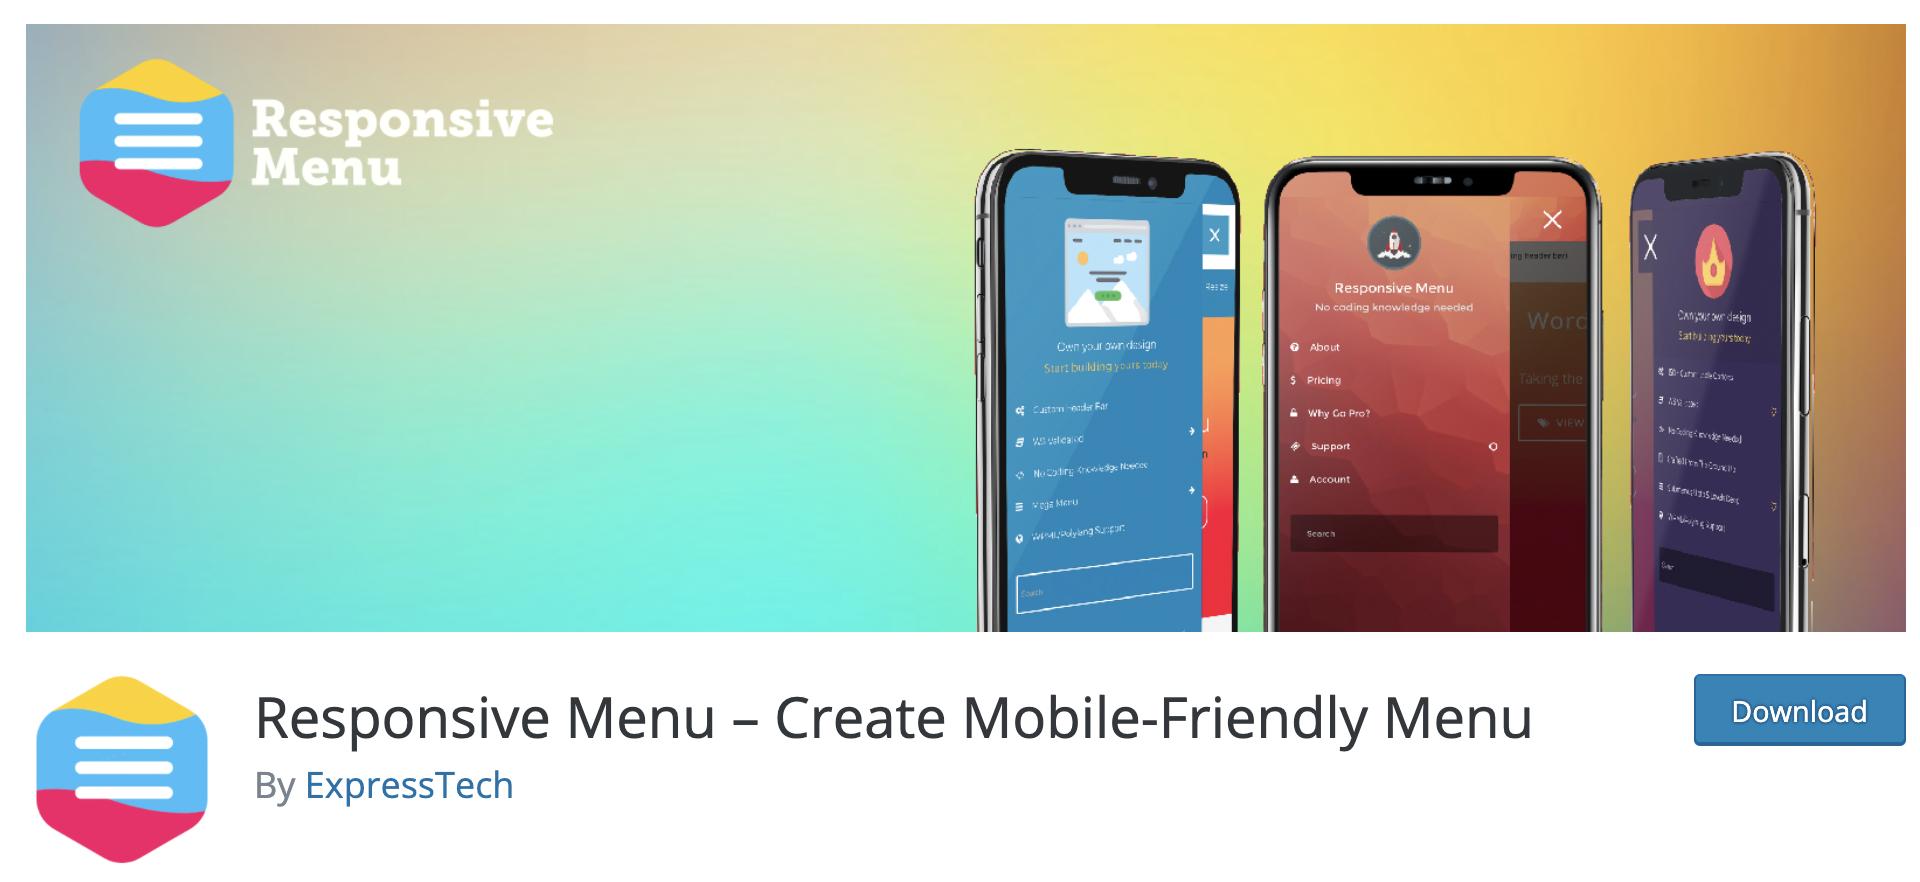 Responsive Menu – Create Mobile-Friendly Menu